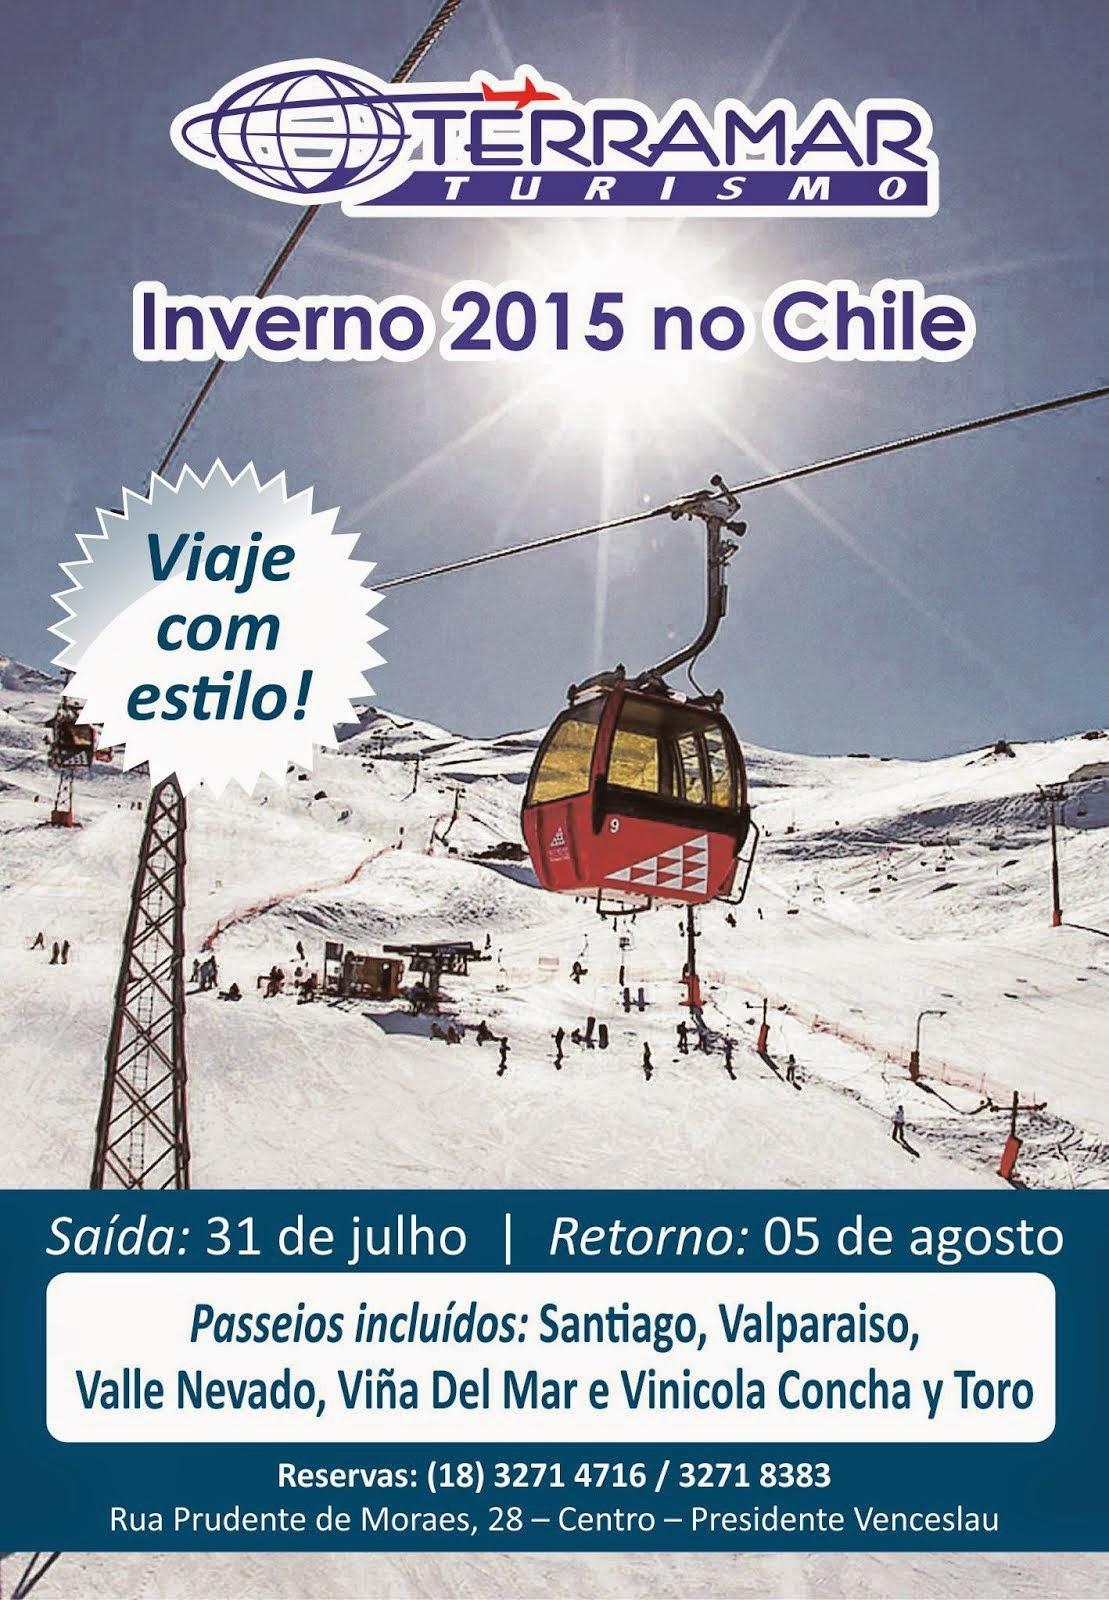 Inverno no Chile é com a Terramar